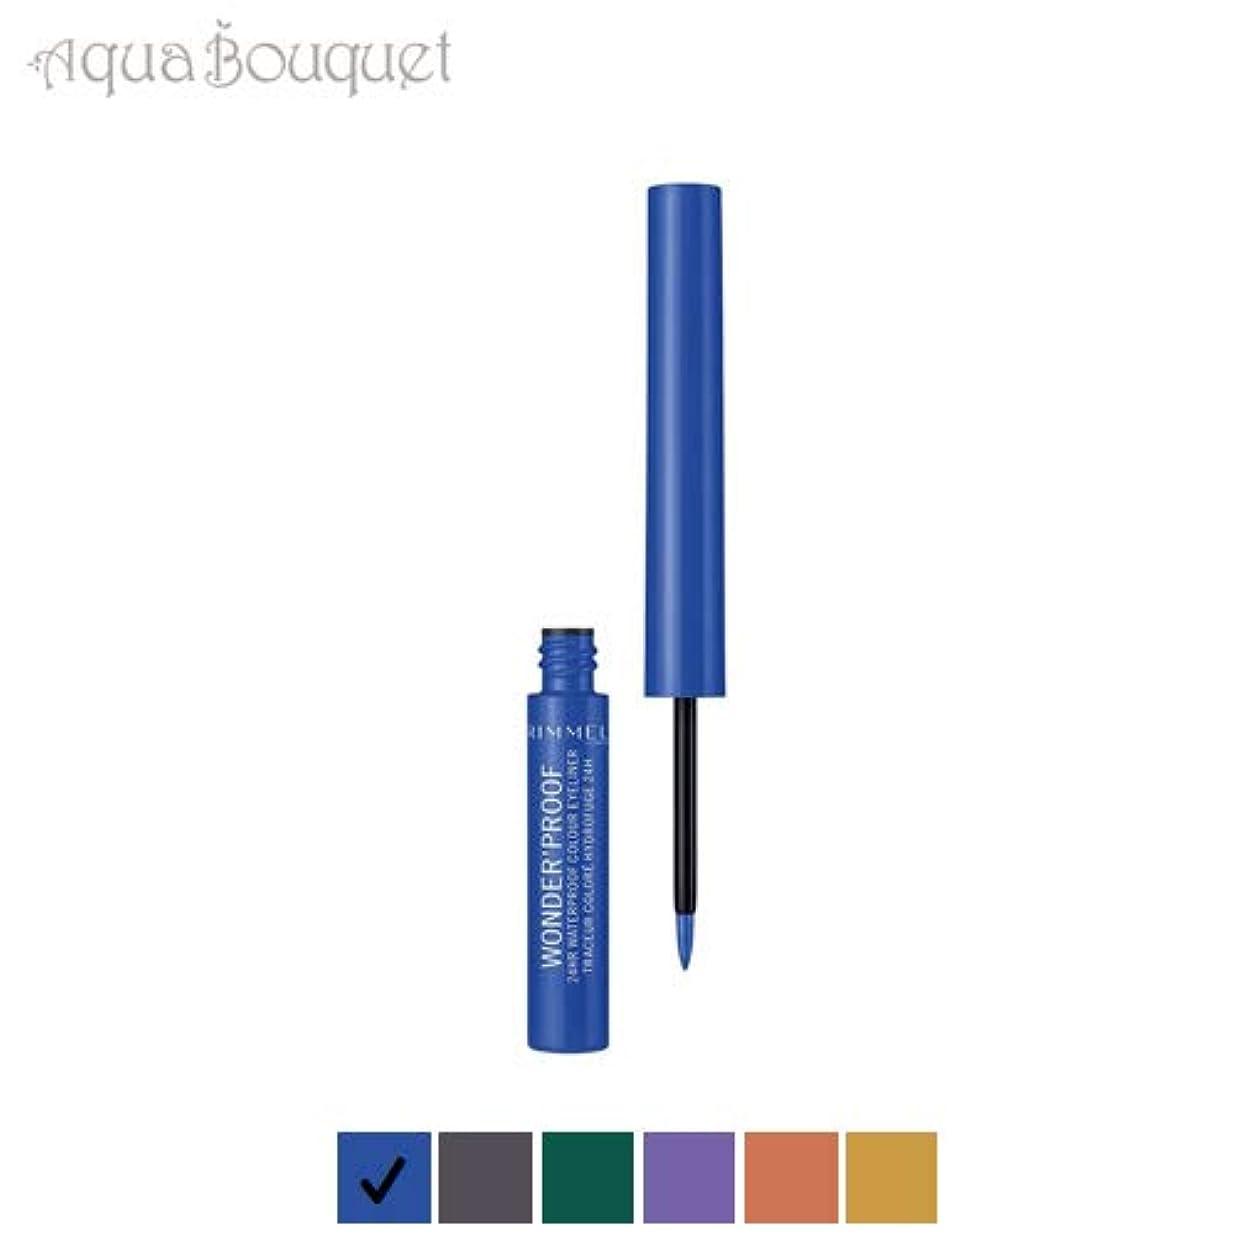 ポテトパウダー禁じるリンメル ワンダープルーフ アイライナー ウォータープルーフ ピュア ブルー (05 PURE BLUE) RIMMEL WONDER'PROOF 24HR WP EYELINER [並行輸入品]